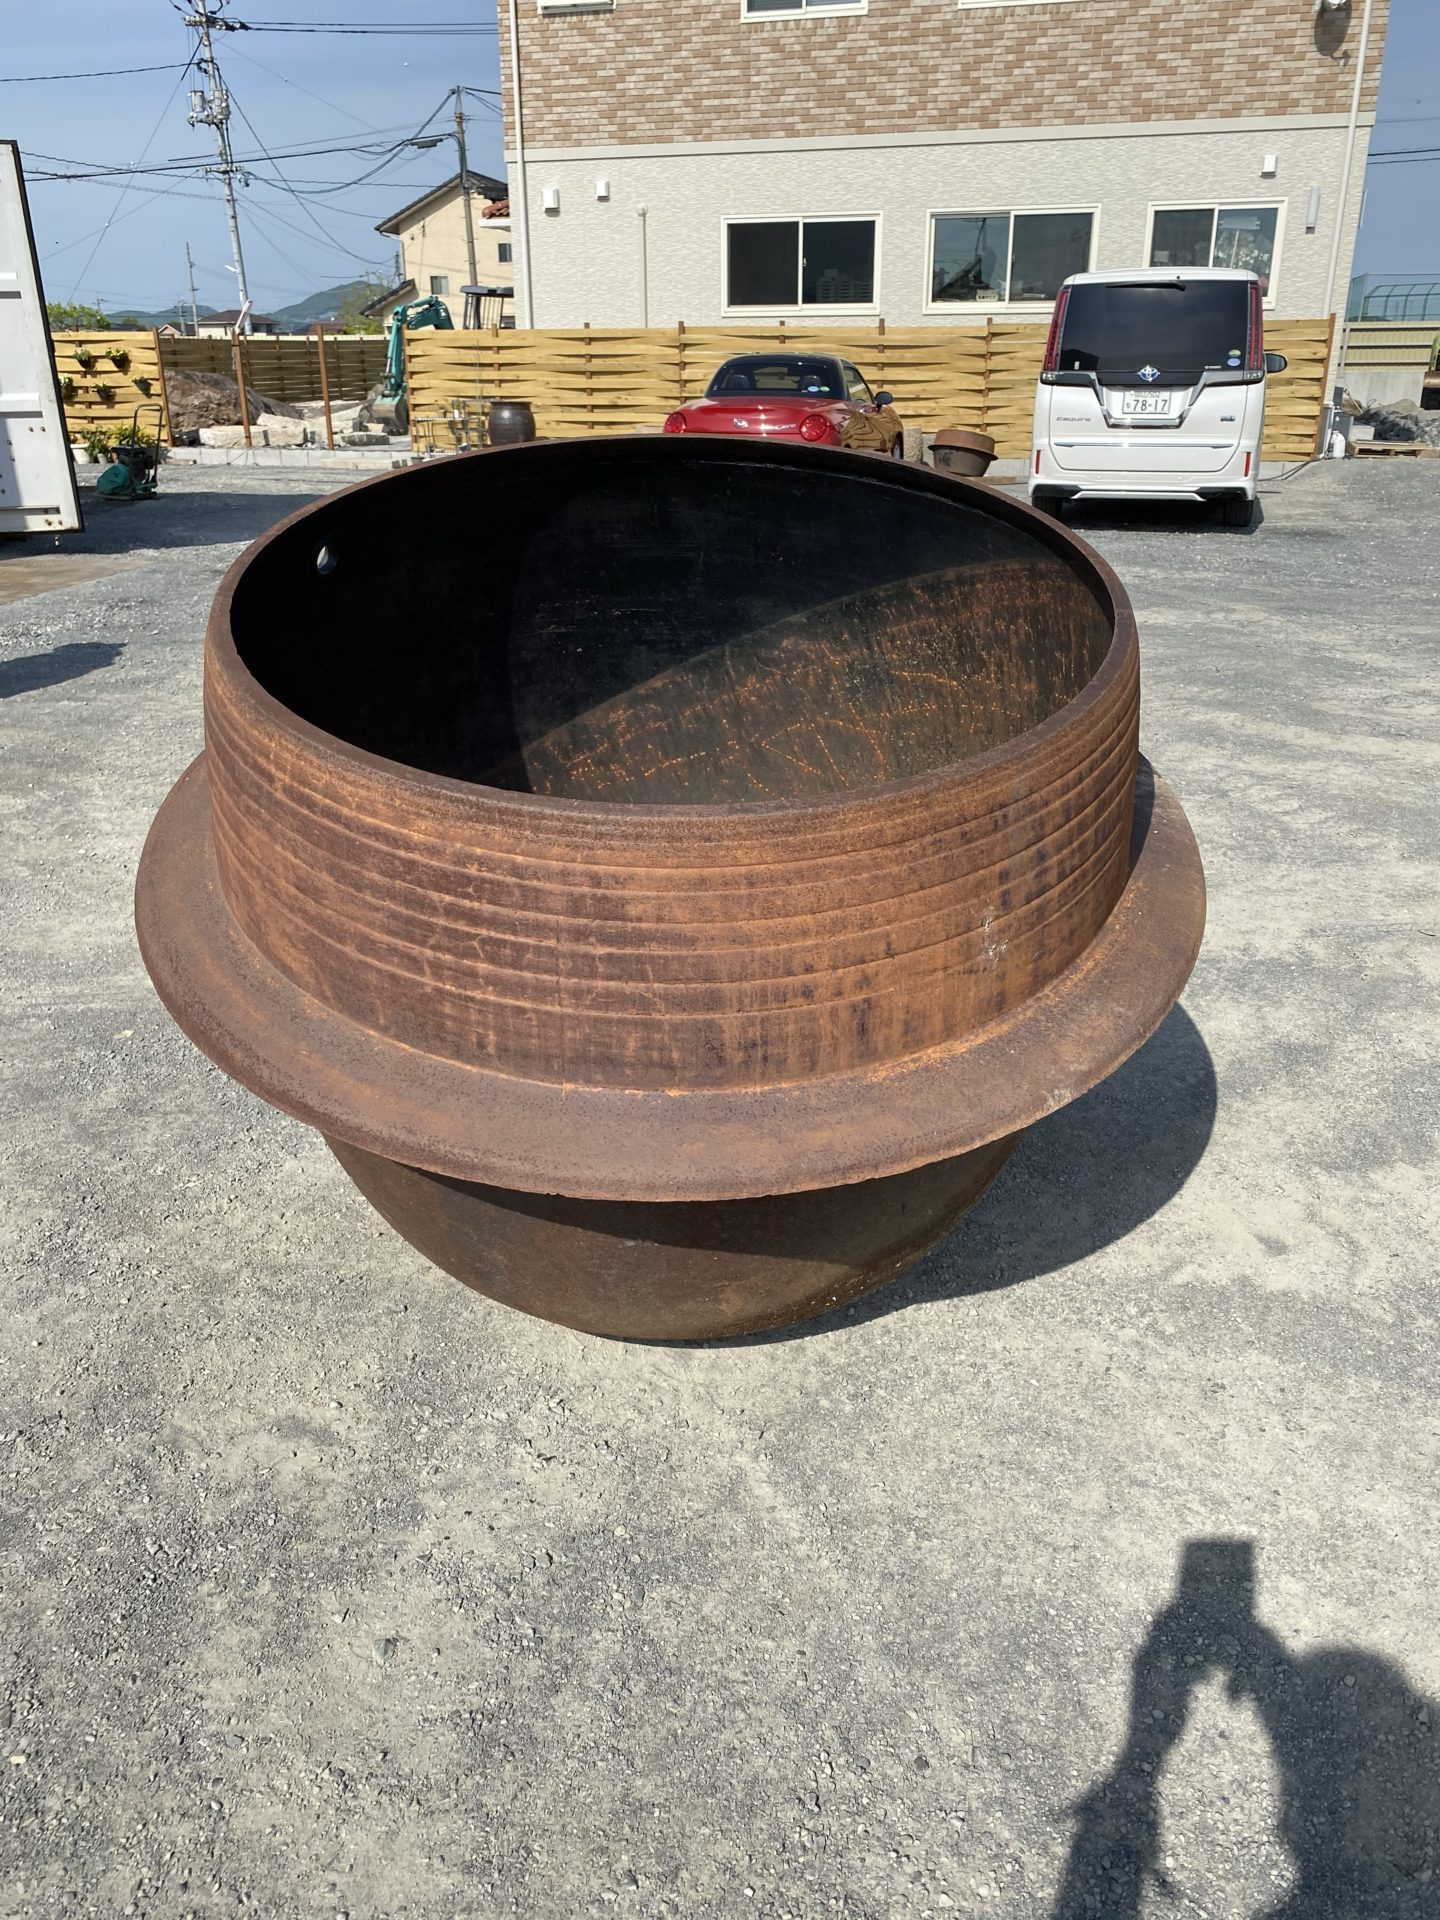 【レーザ事業部】 鋳物でサビだらけの大釜をレーザでサビ落としをすると、こんな色に!